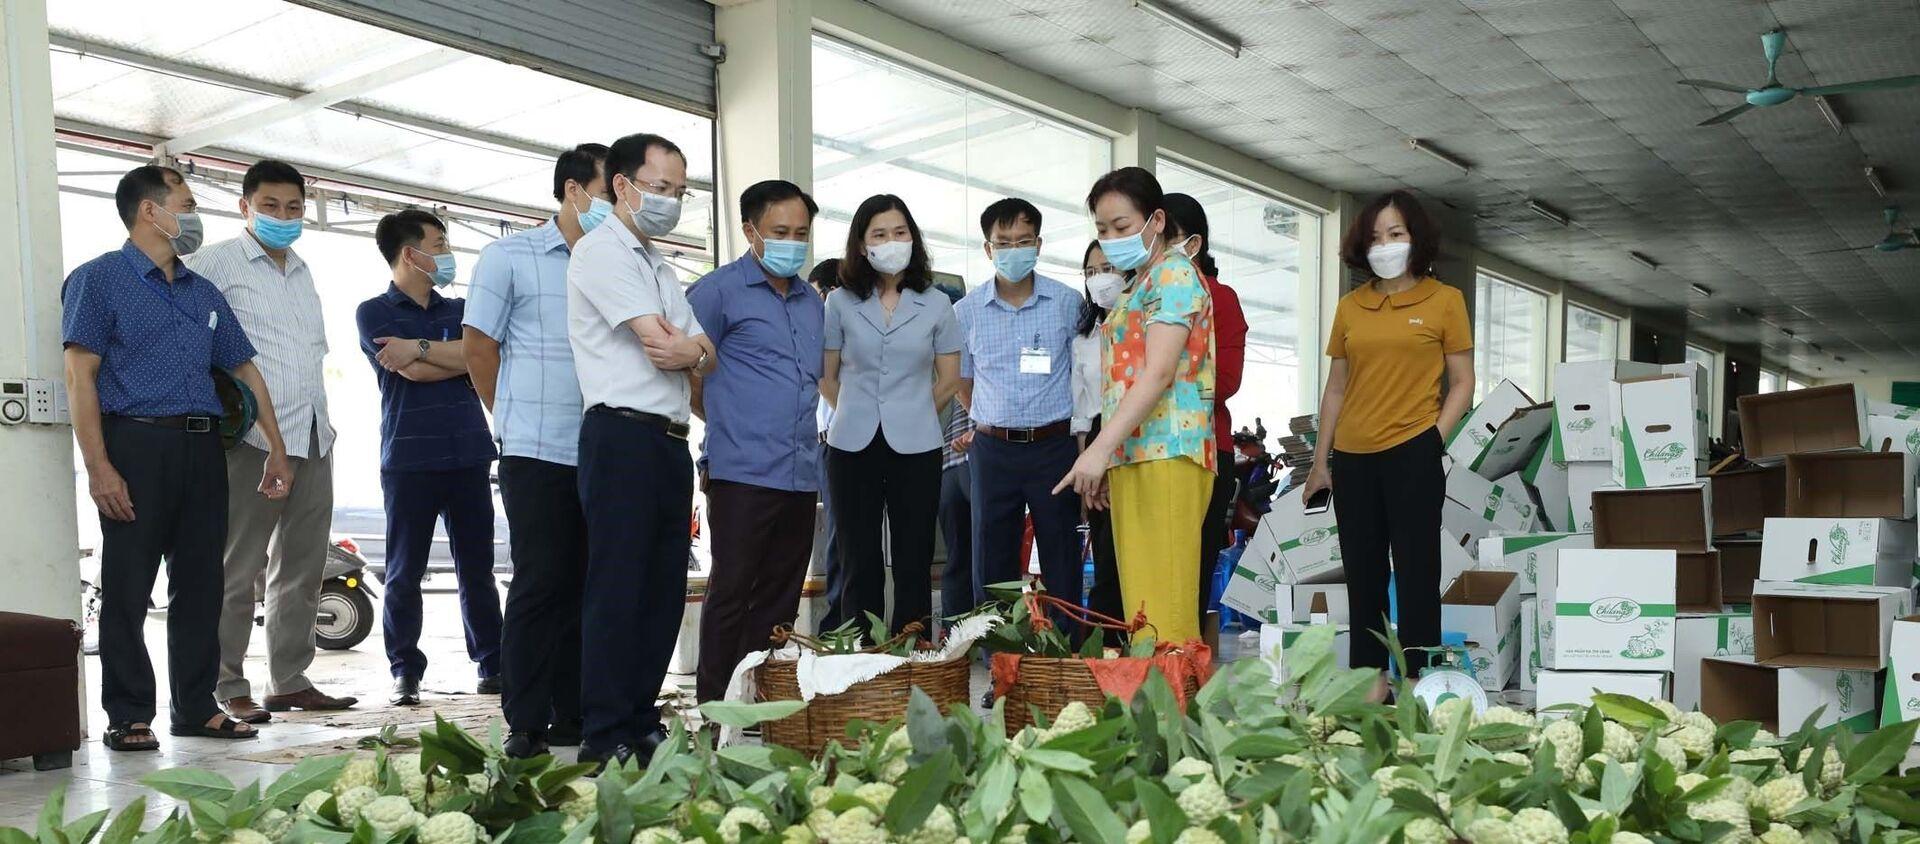 Hiện nay, na tiêu chuẩn VietGAP của Hợp tác xã nông sản huyện Chi Lăng đã bắt đầu cho thu hoạch nhưng việc tiêu thụ bị ảnh hưởng do dịch COVID-19. - Sputnik Việt Nam, 1920, 24.08.2021